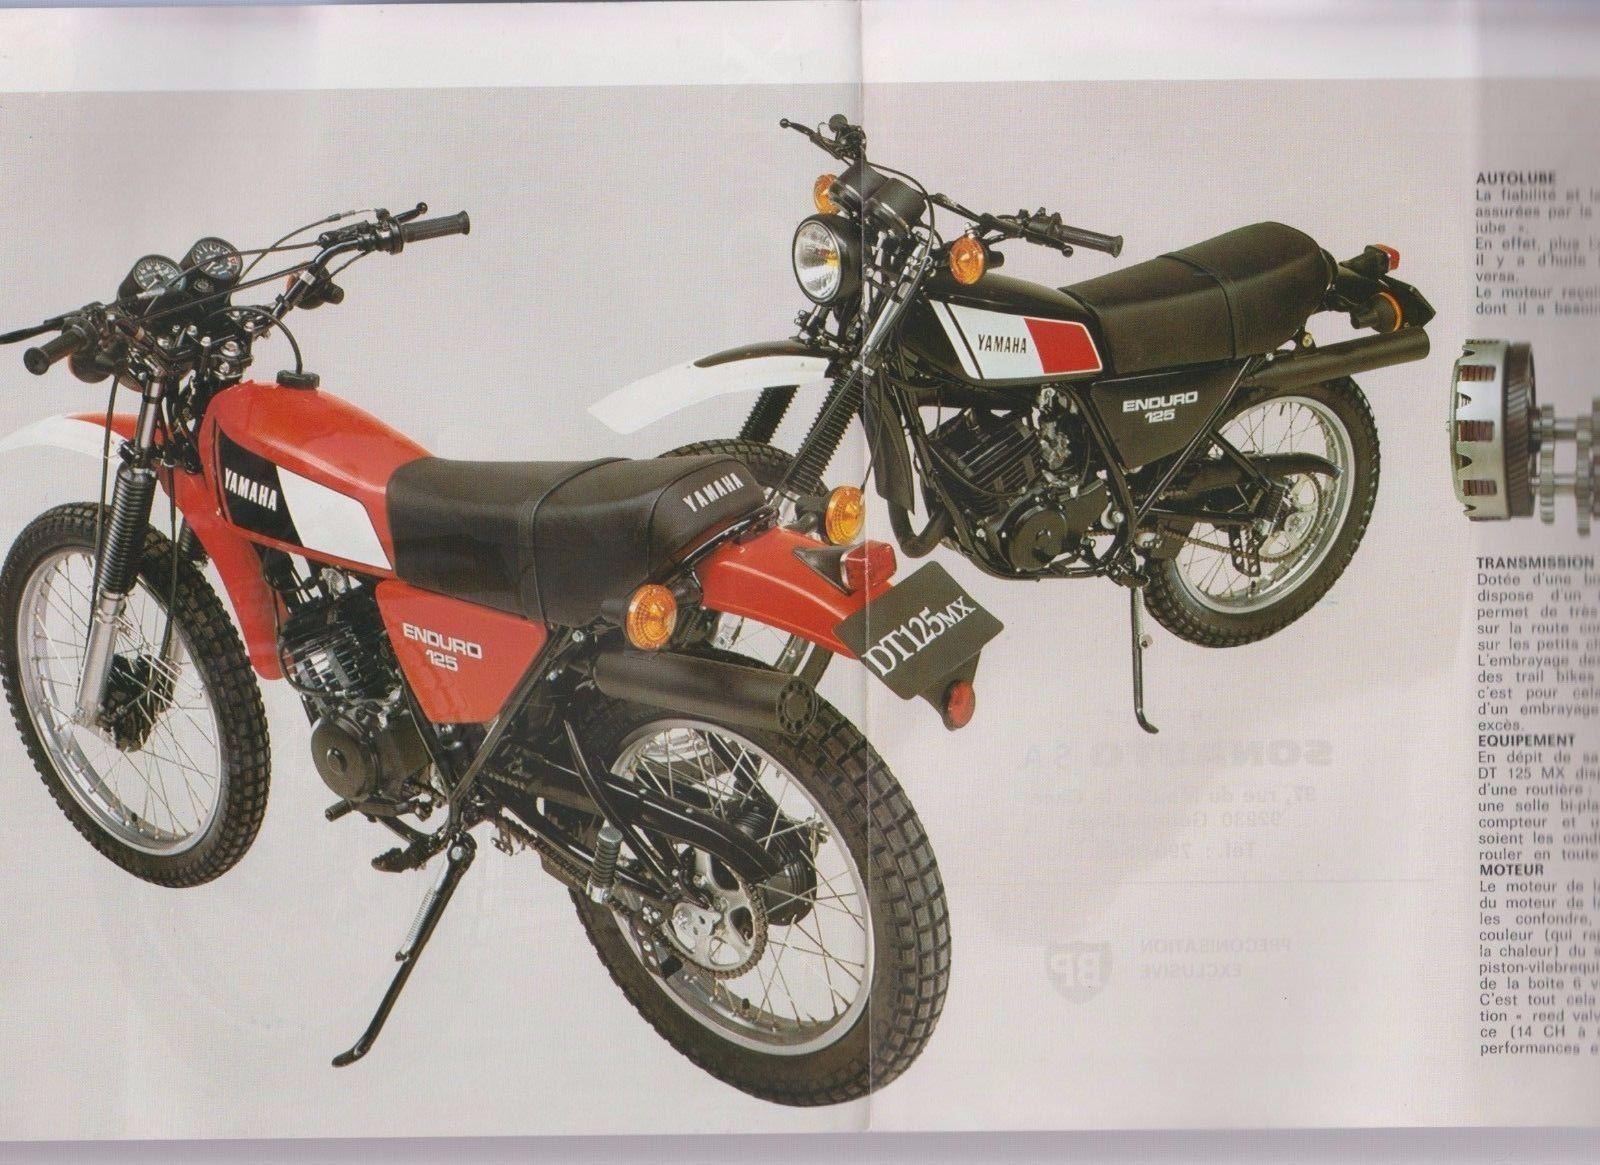 yamaha dt 125 mx motorcycle brochure ebay vintage yamaha other pinterest brochures. Black Bedroom Furniture Sets. Home Design Ideas